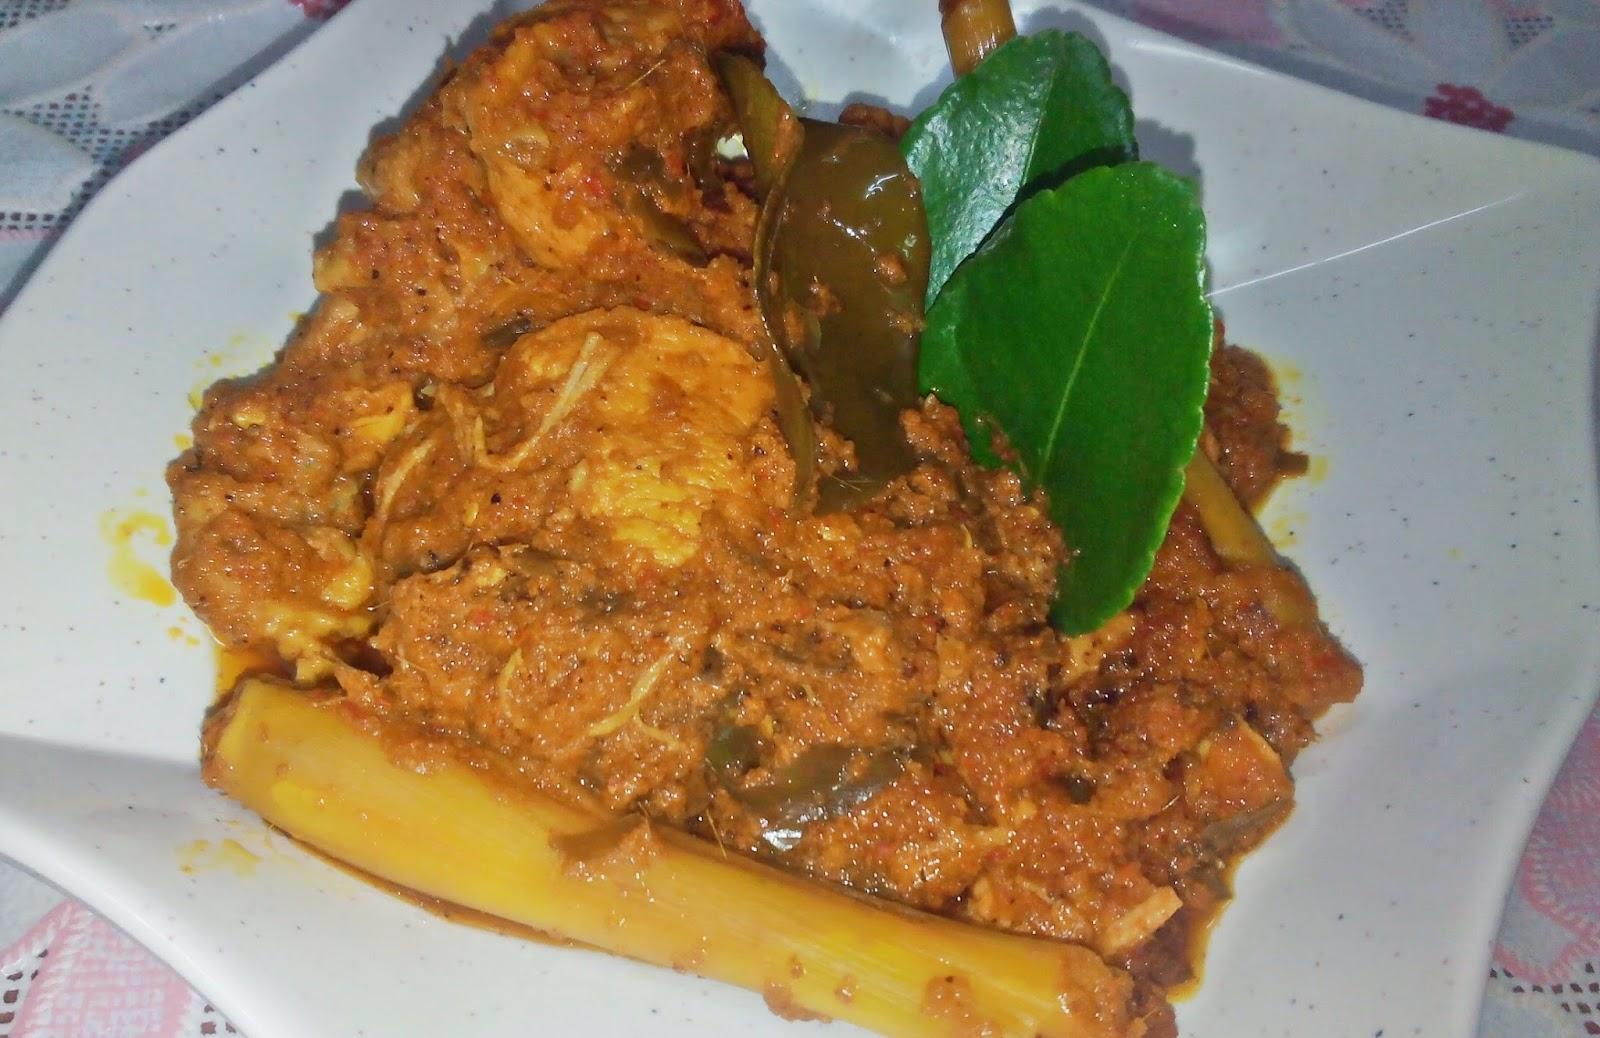 Sajian Dapur Bonda Rendang Pedas Ayam 8 Minit Dengan Periuk Noa